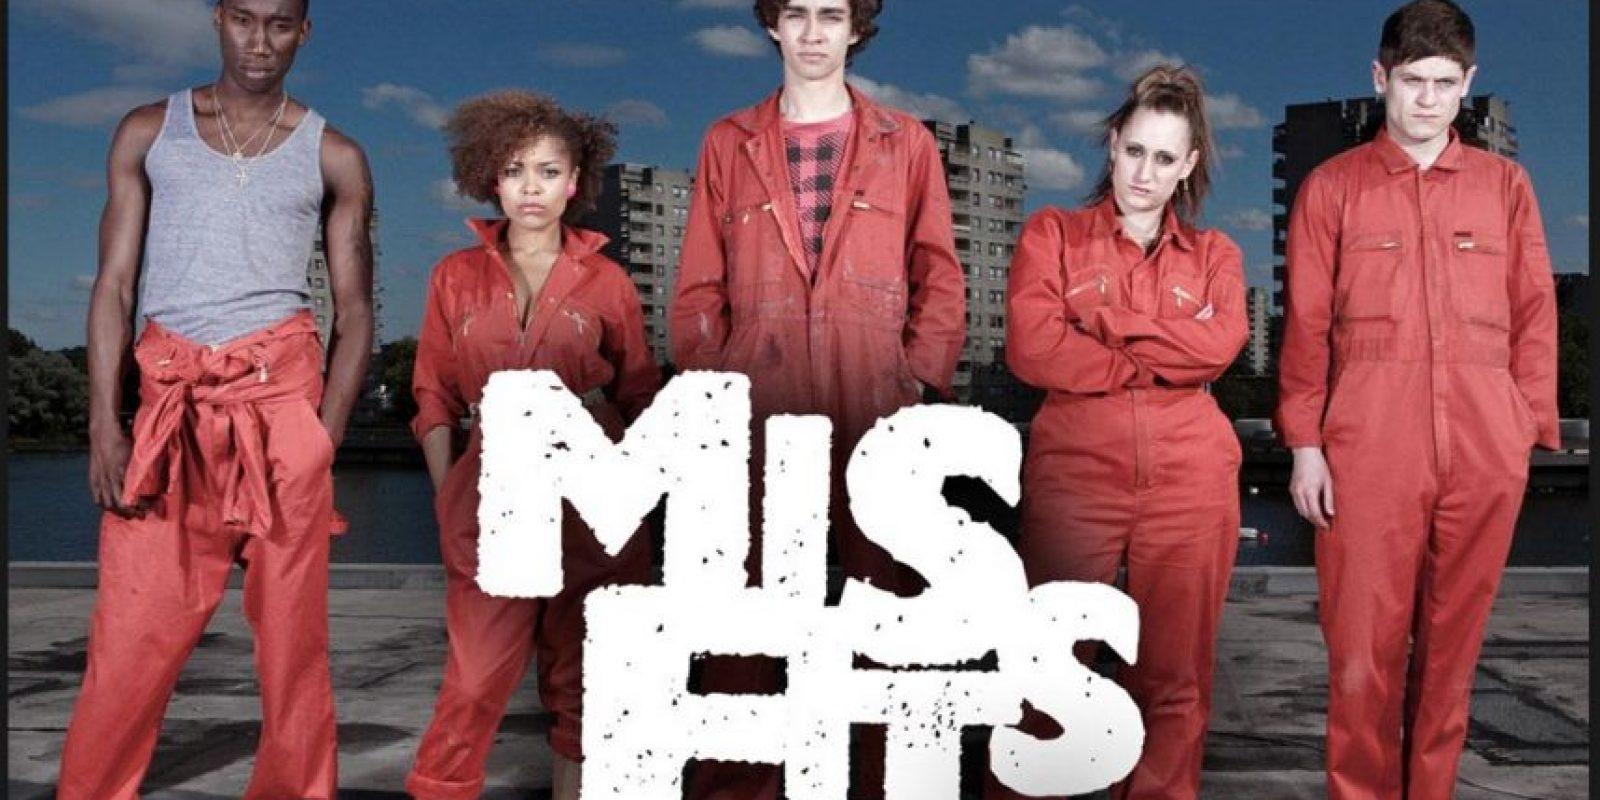 Esta serie de ciencia ficción británica trata sobre jóvenes que cumplen condenas comunitarias por crímenes menores, de pronto un día despiertan con superpoderes Foto:E4 / Channel 4